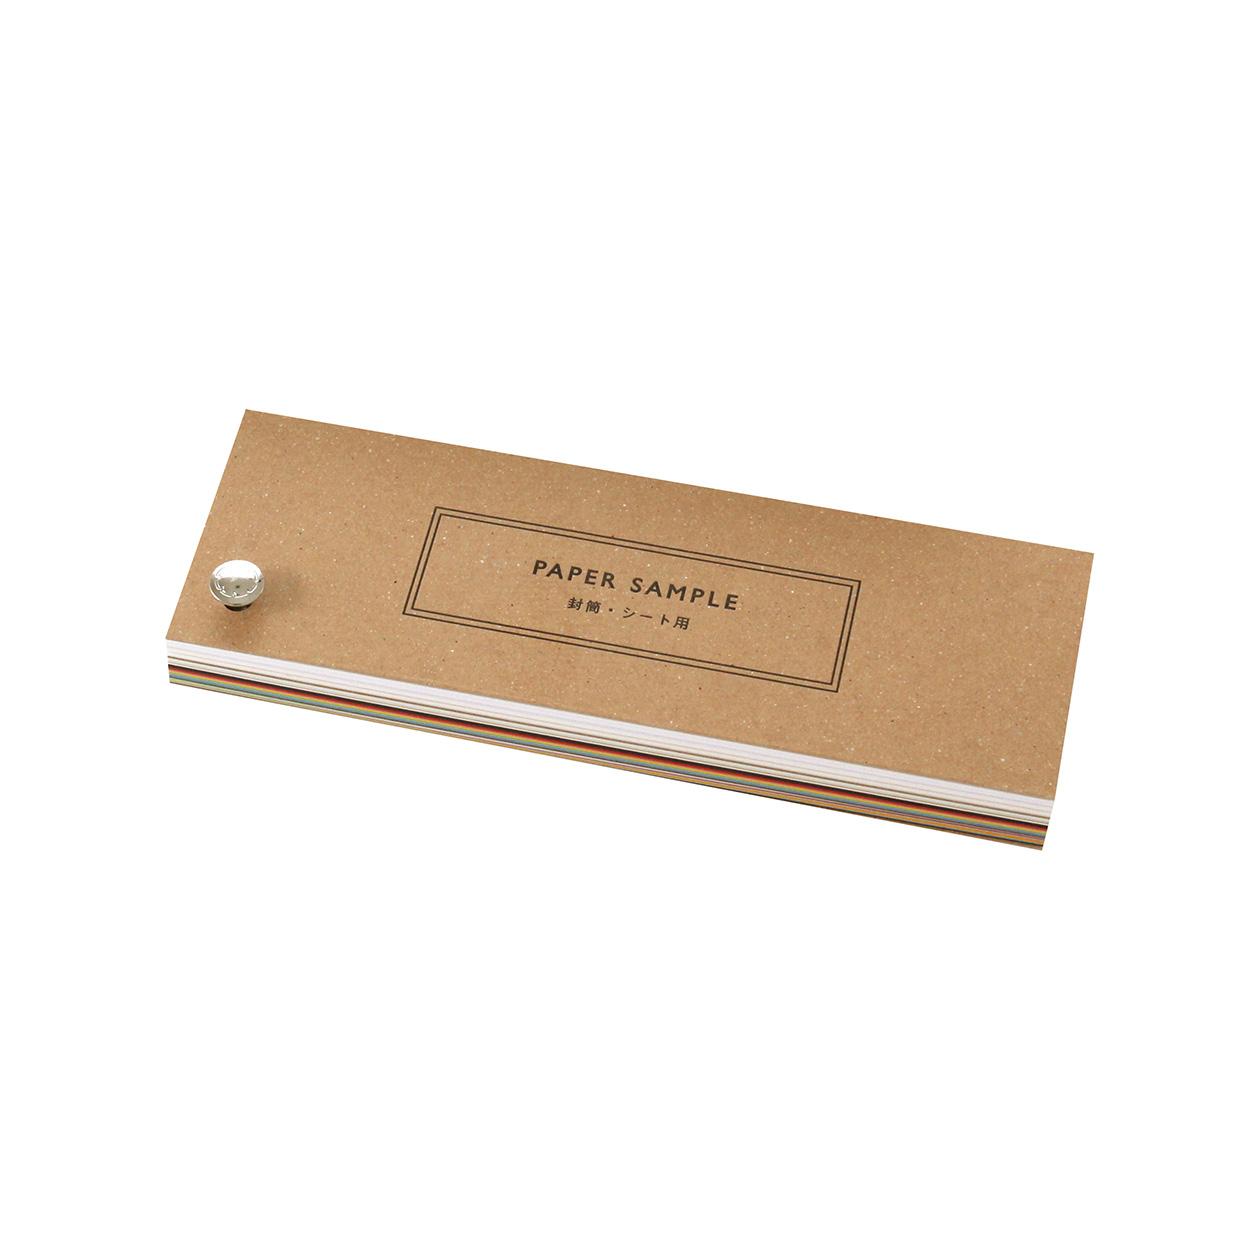 PAPER SAMPLE(封筒・シート用)